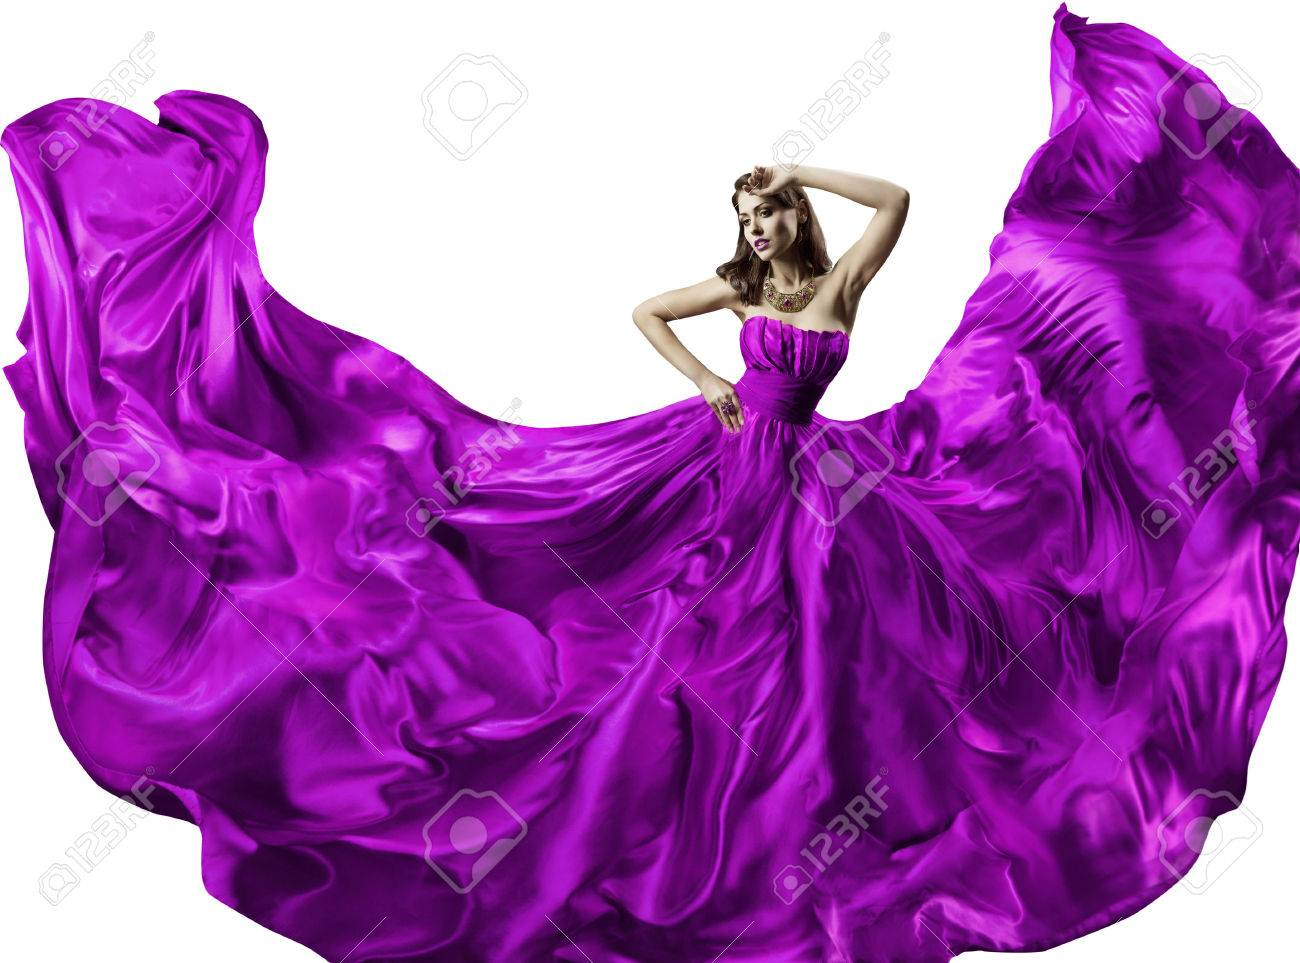 Фото девушек в шёлковых платьях 17 фотография